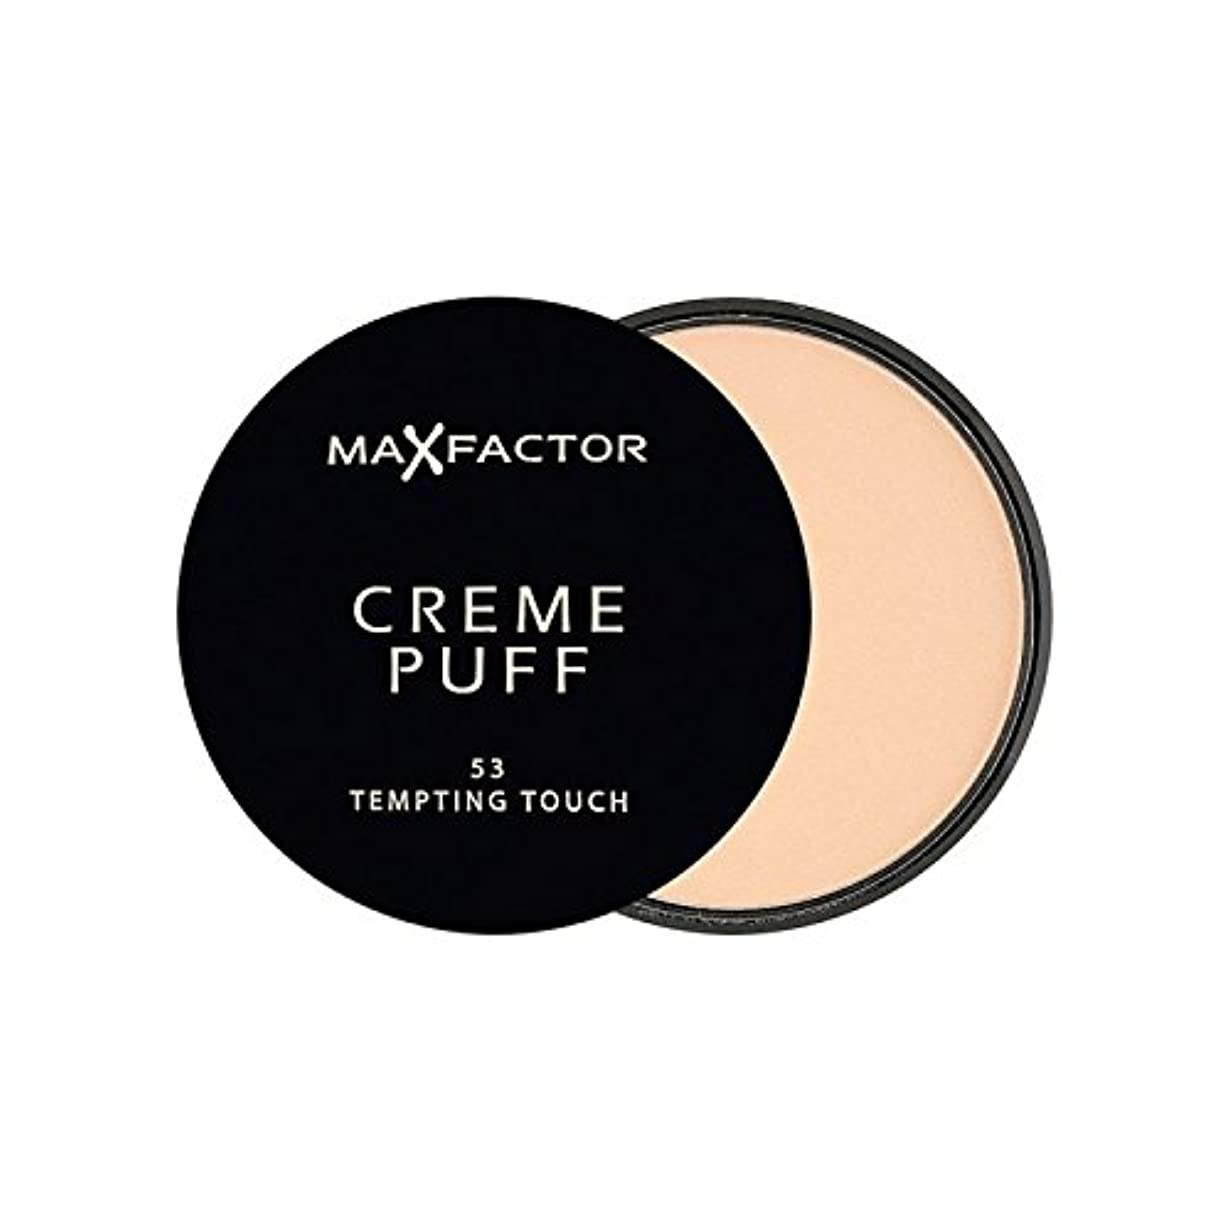 解決それに応じて覆すMax Factor Creme Puff Powder Compact Tempting Touch 53 - マックスファクタークリームパフパウダーコンパクト魅力的なタッチ53 [並行輸入品]